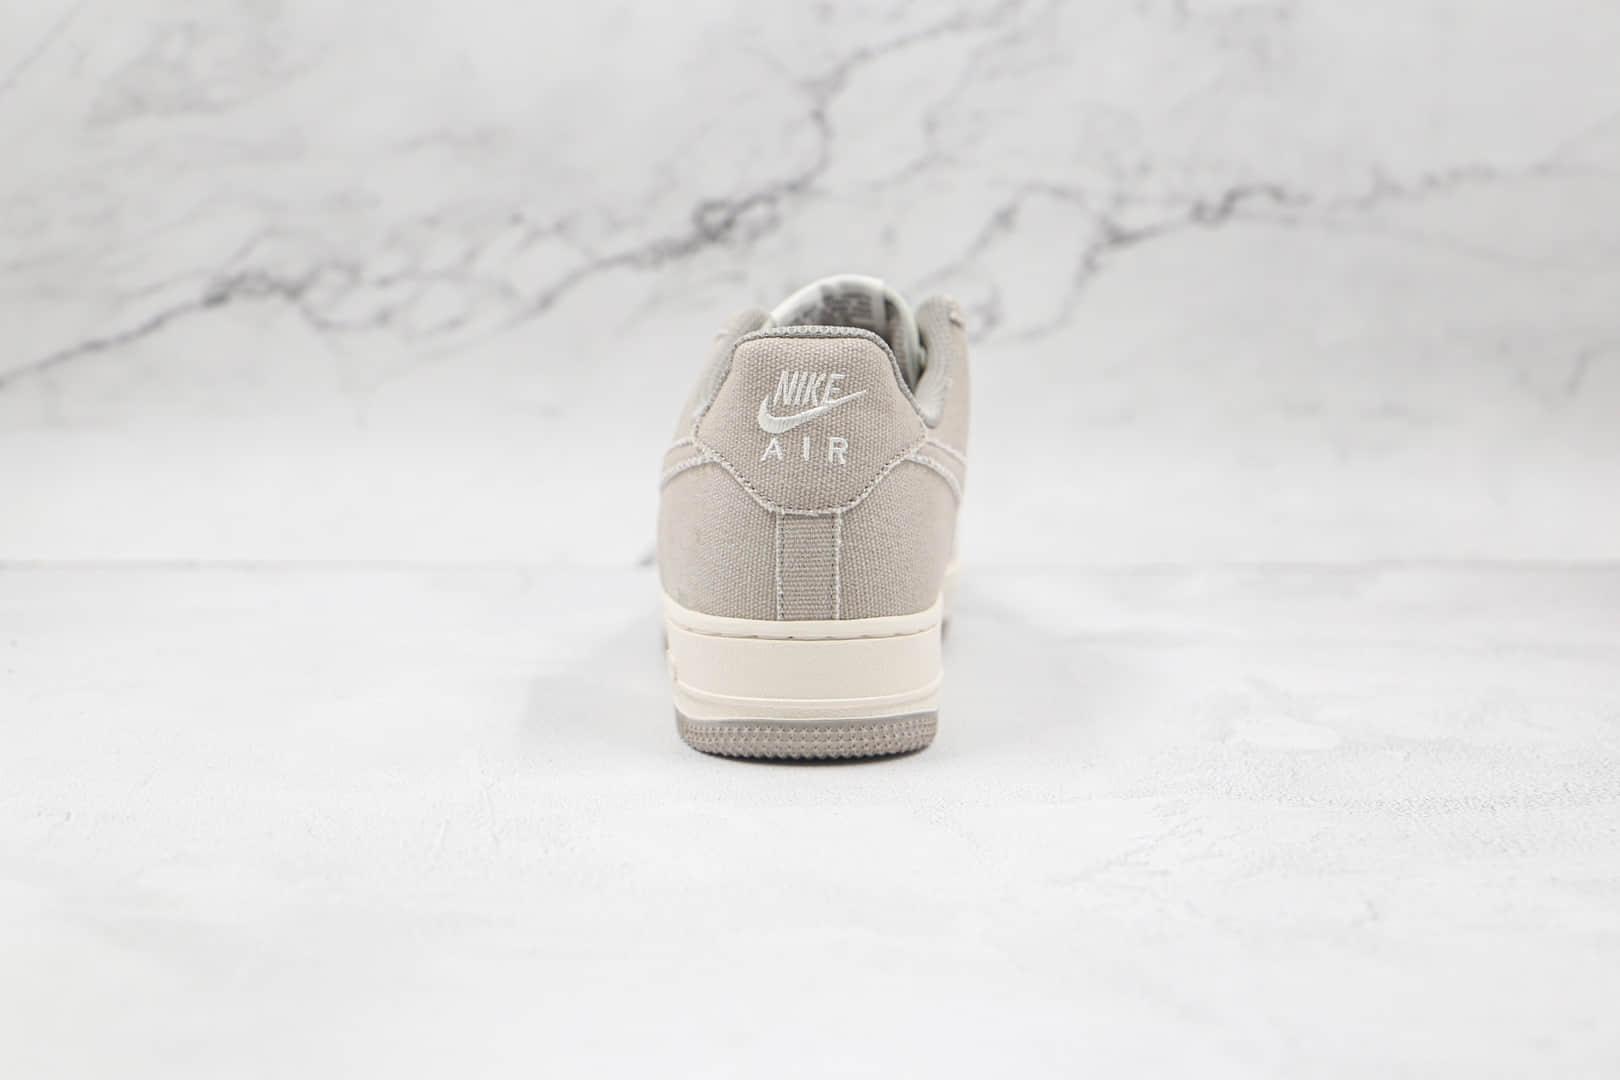 耐克Nike Air Force 1 Low纯原版本低帮空军一号灰白拼接帆布板鞋内置气垫 货号:BQ5806-228